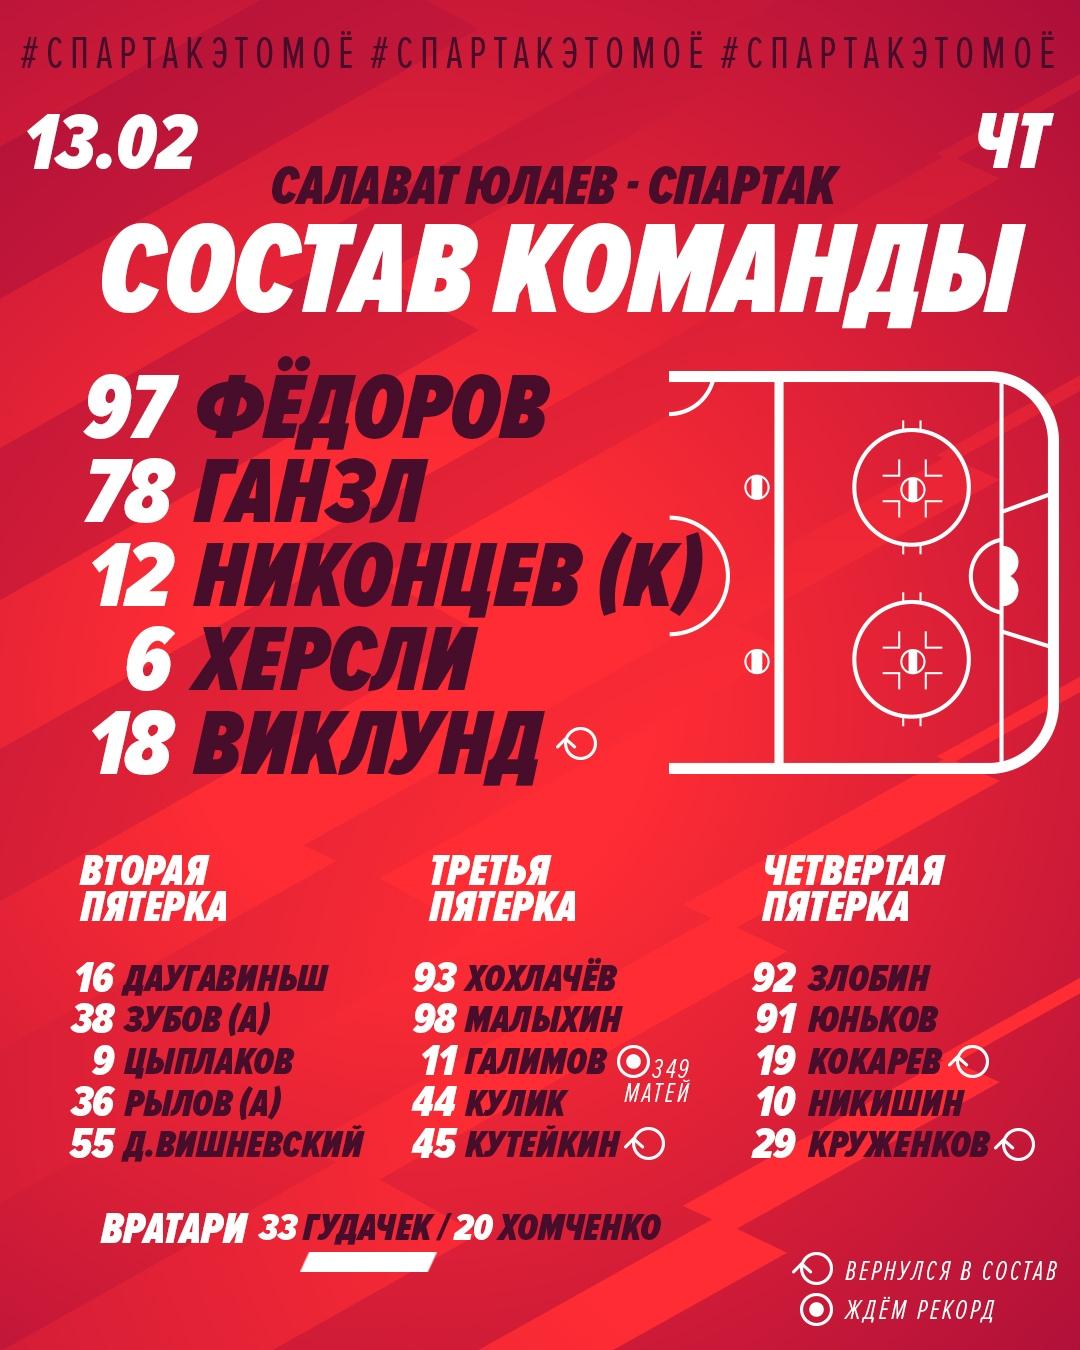 Состав «Спартака» на матч с «Салаватом Юлаевым»